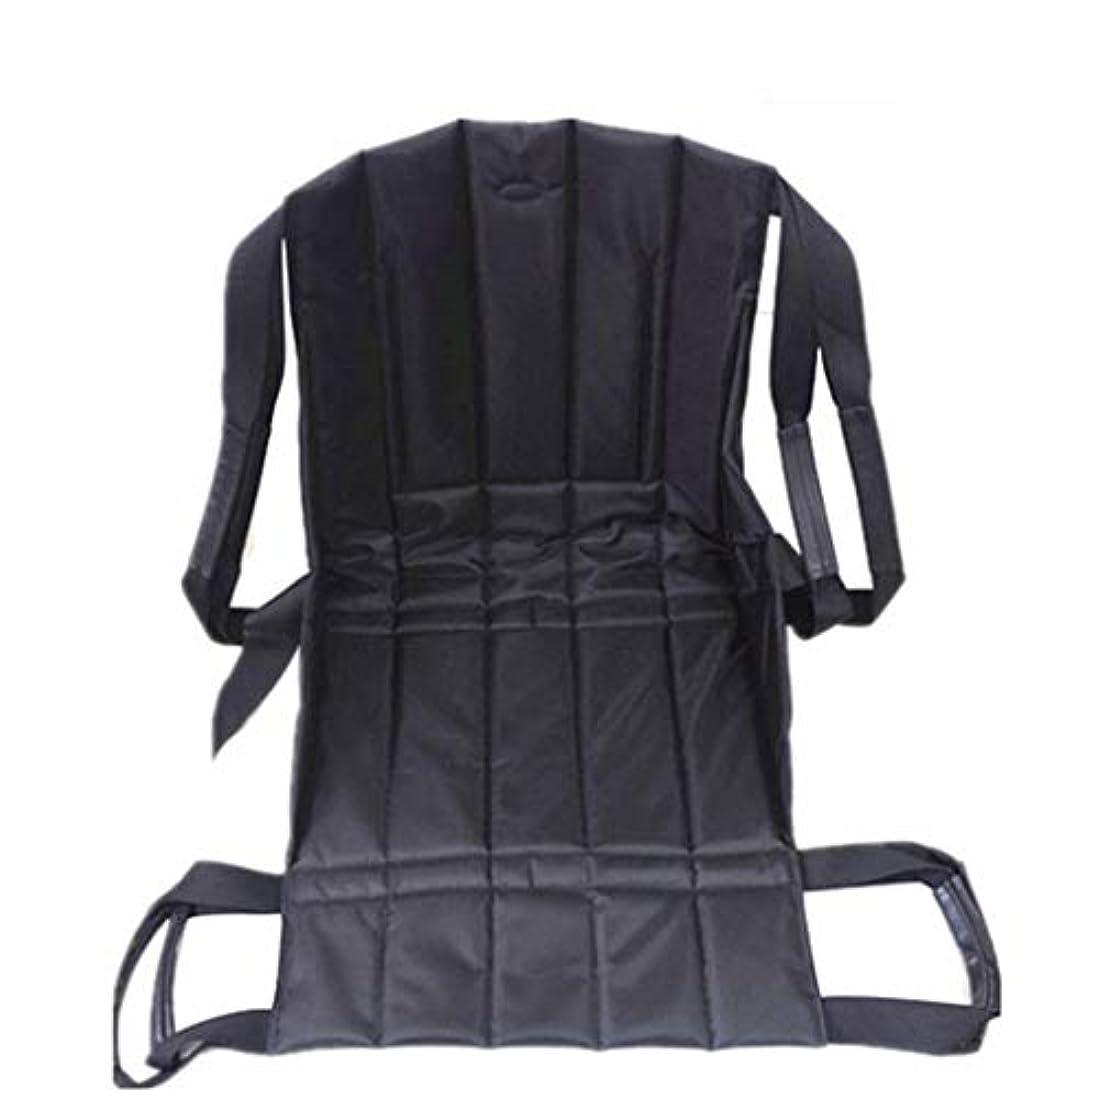 工夫するに勝る普及患者リフト階段スライドボード移動緊急避難用椅子車椅子シートベルト安全全身医療用リフティングスリングスライディング移動ディスク使用高齢者用